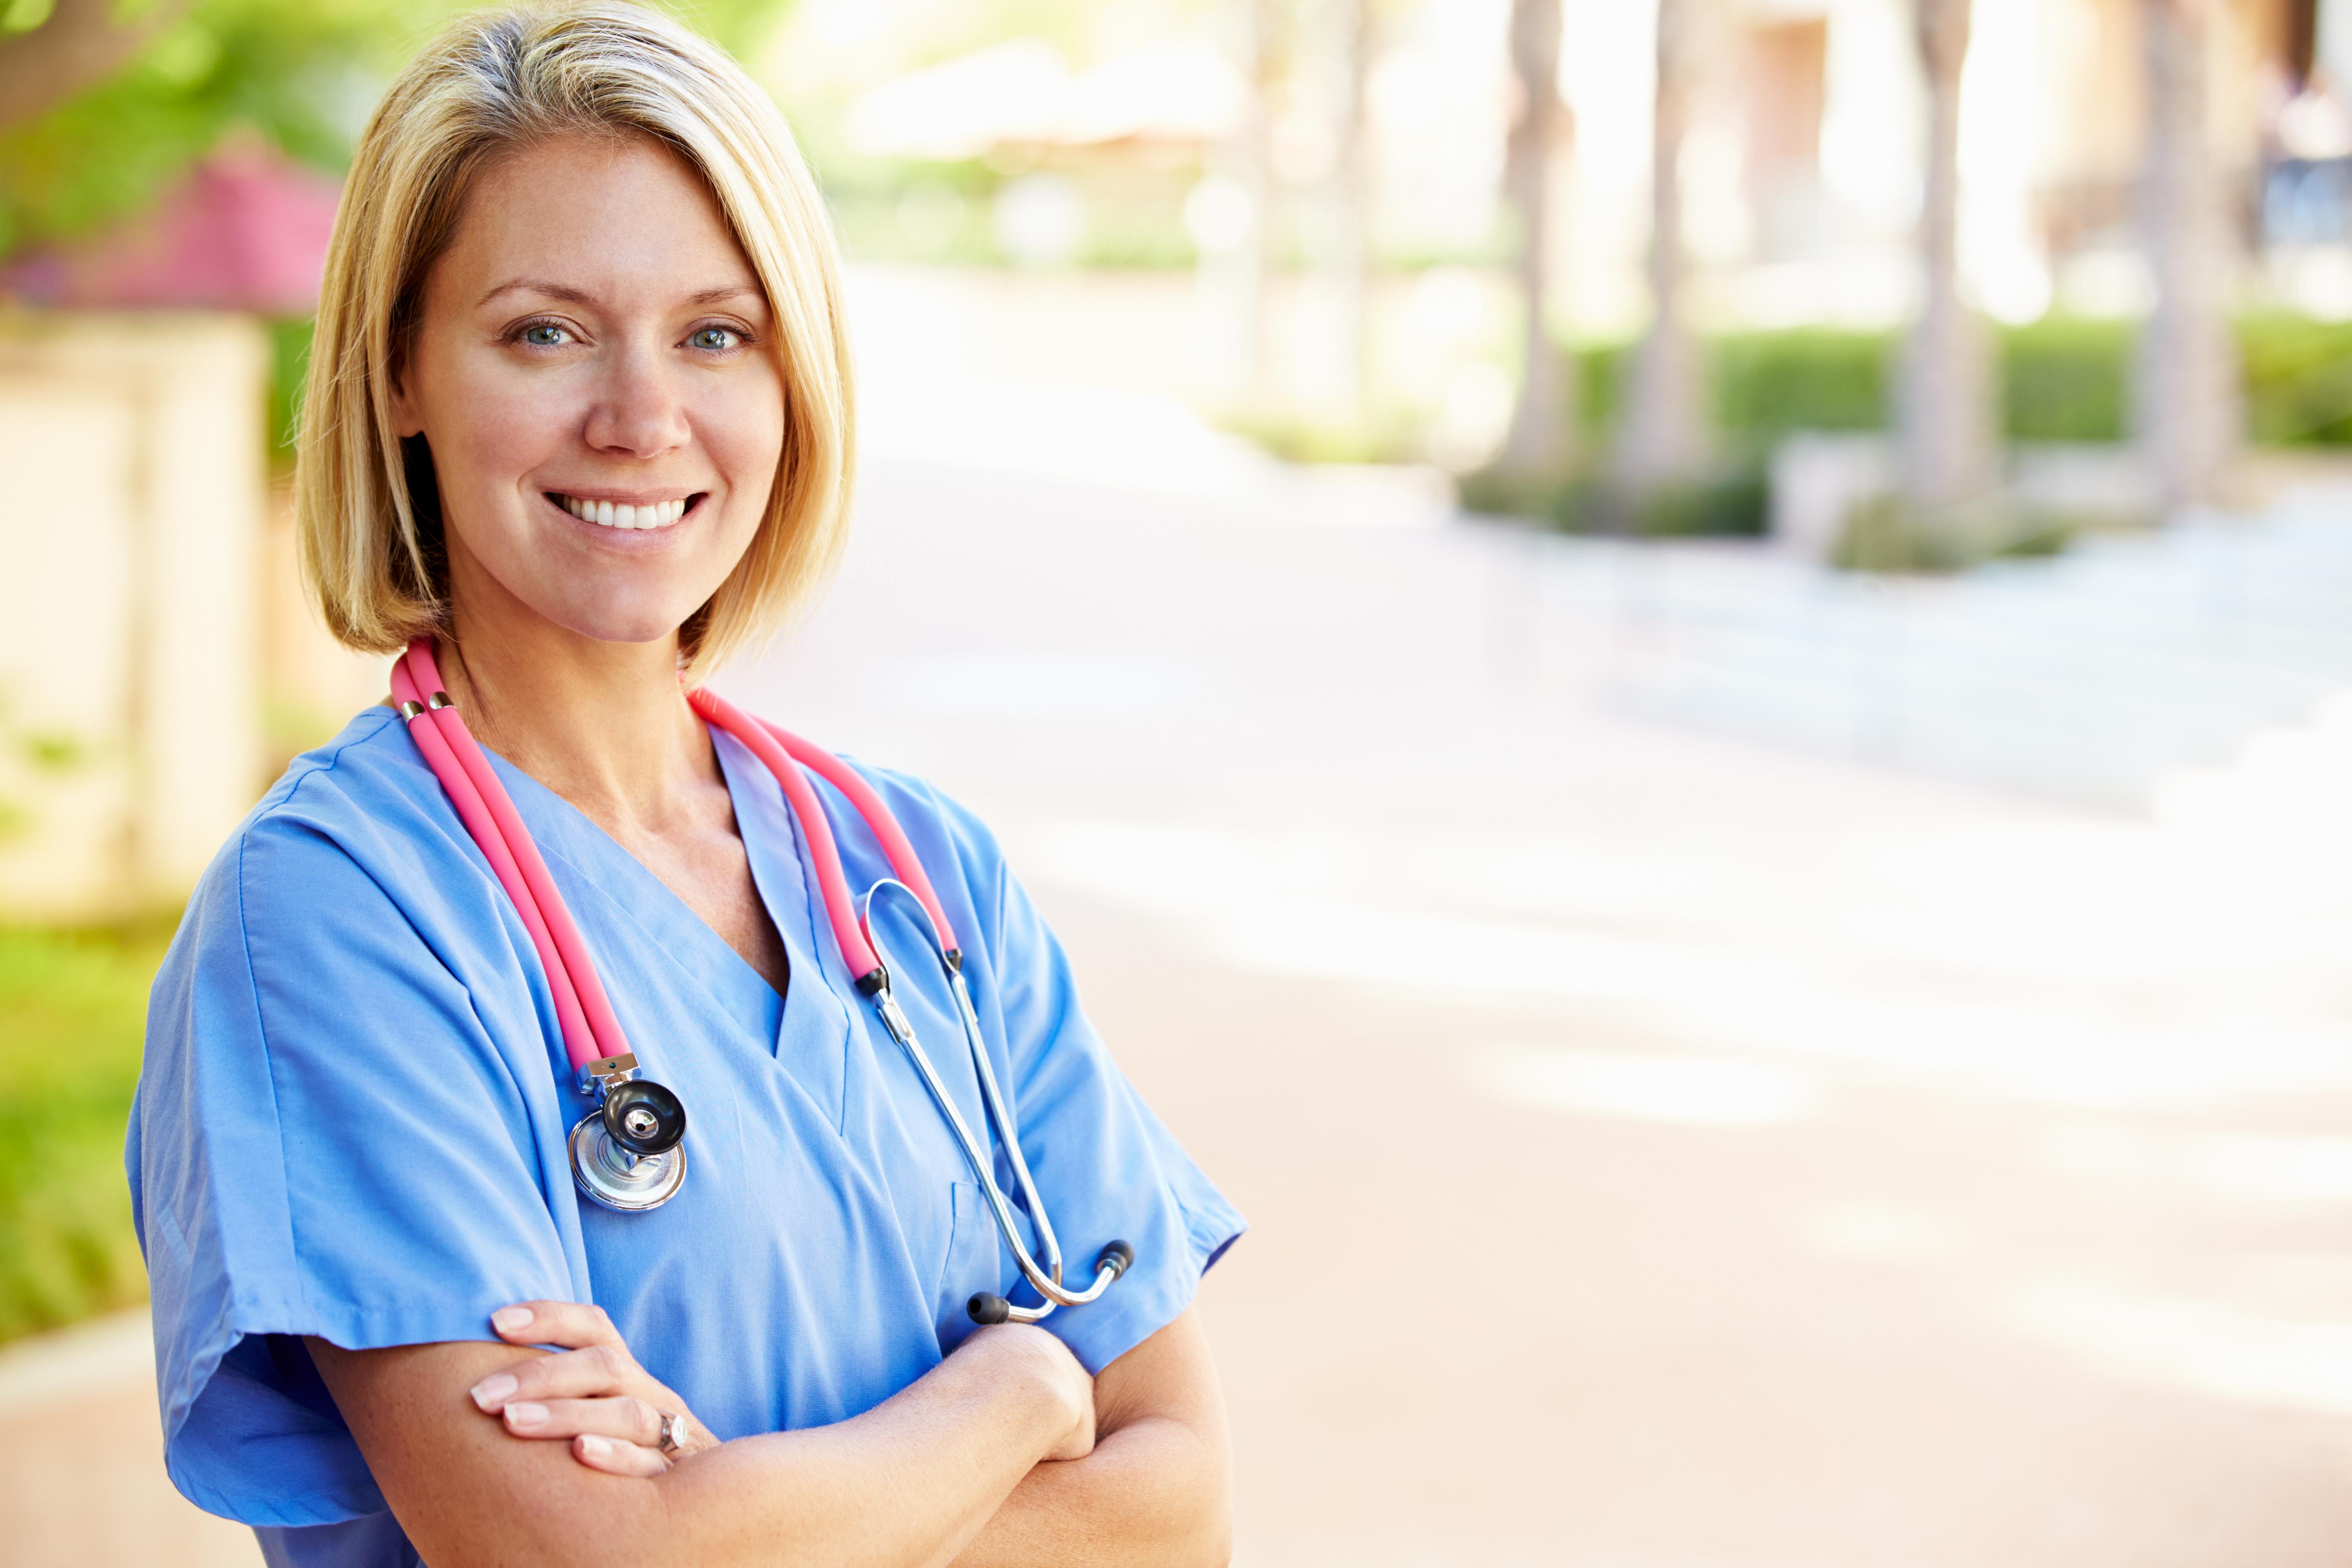 """TV4:s nya dramaserie """"Syrror"""" har mött kritik från verklighetens sjuksköterskor, bland annat för att den är orealistiskt."""